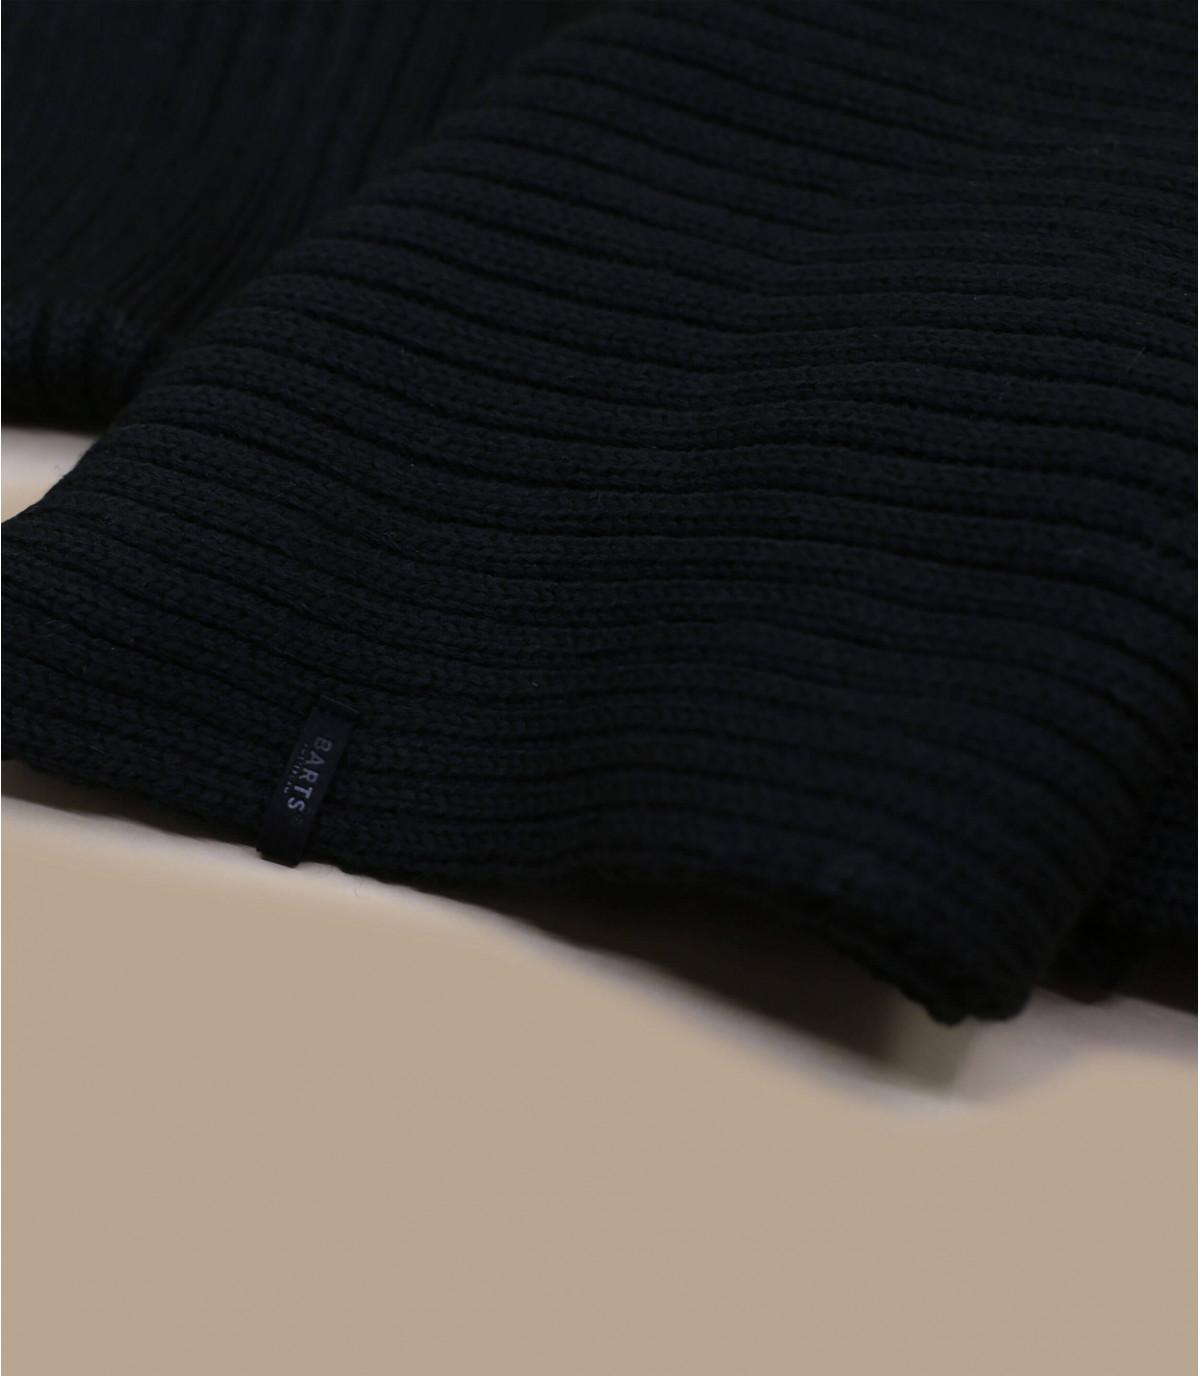 Wilbert schwarzer Schal